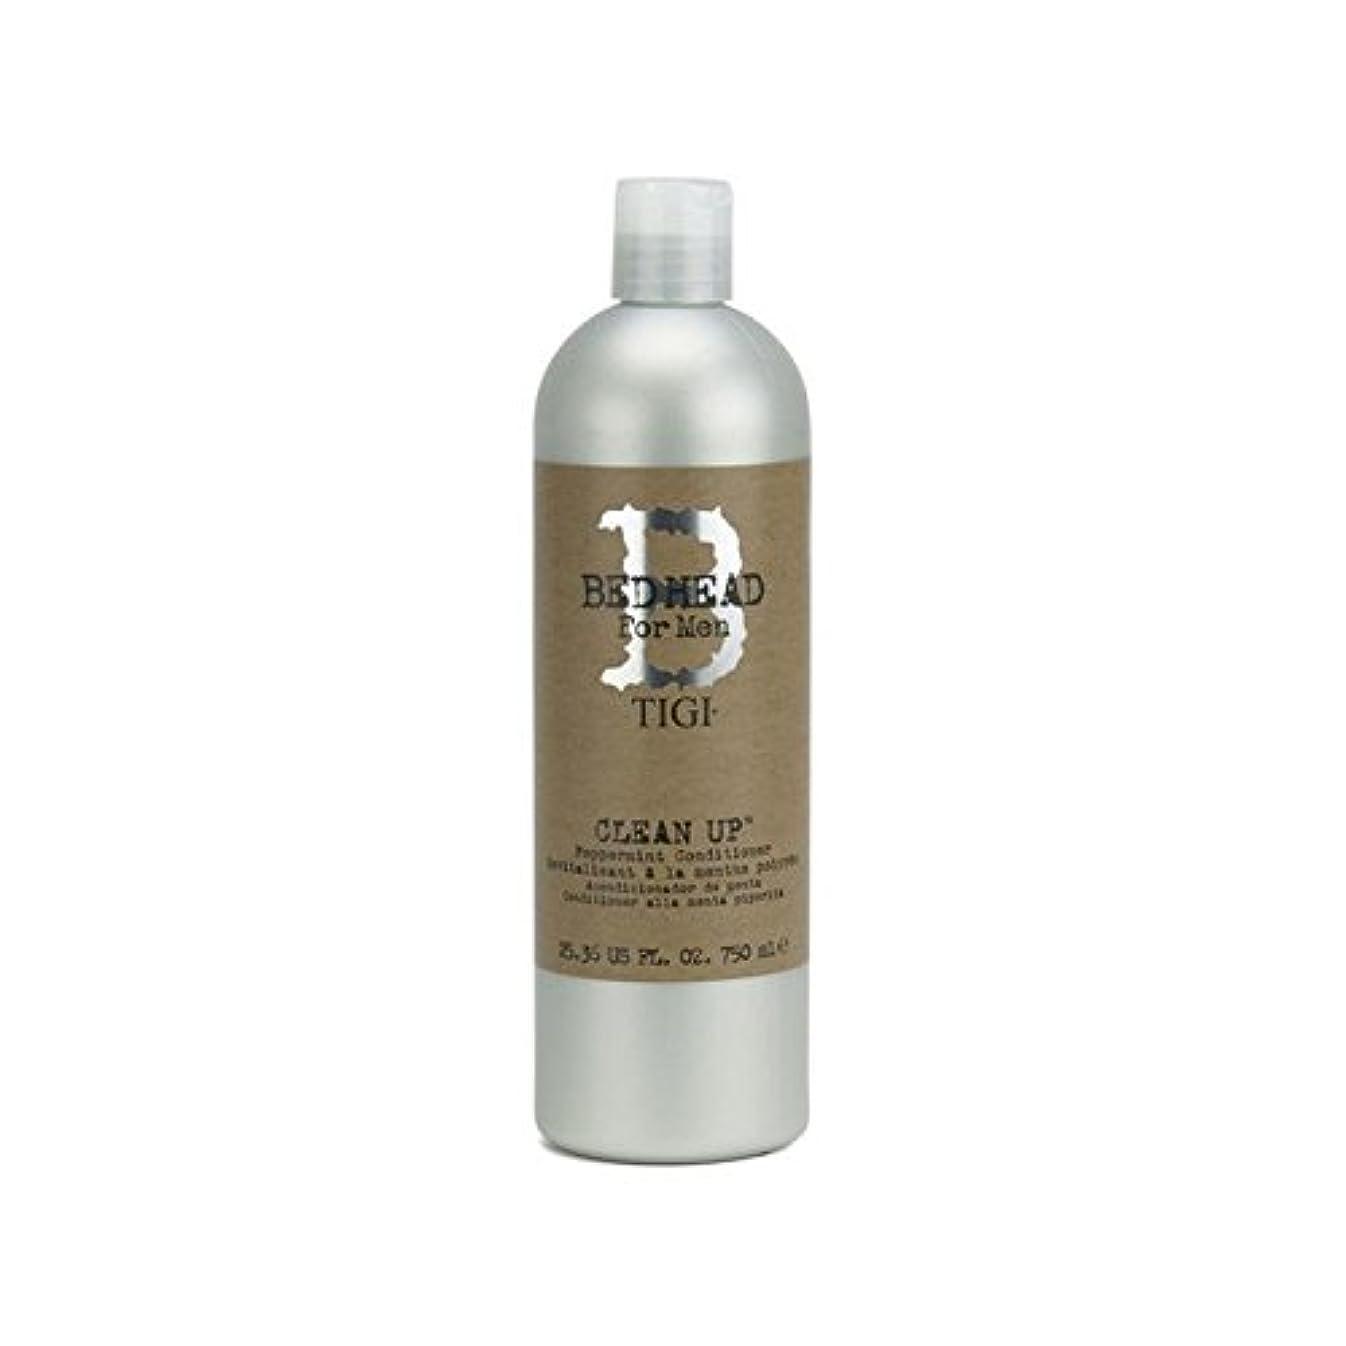 吐き出す意気揚々クモTigi Bed Head For Men Clean Up Peppermint Conditioner (750ml) - ペパーミントコンディショナーをクリーンアップする男性のためのティジーベッドヘッド(750ミリリットル...